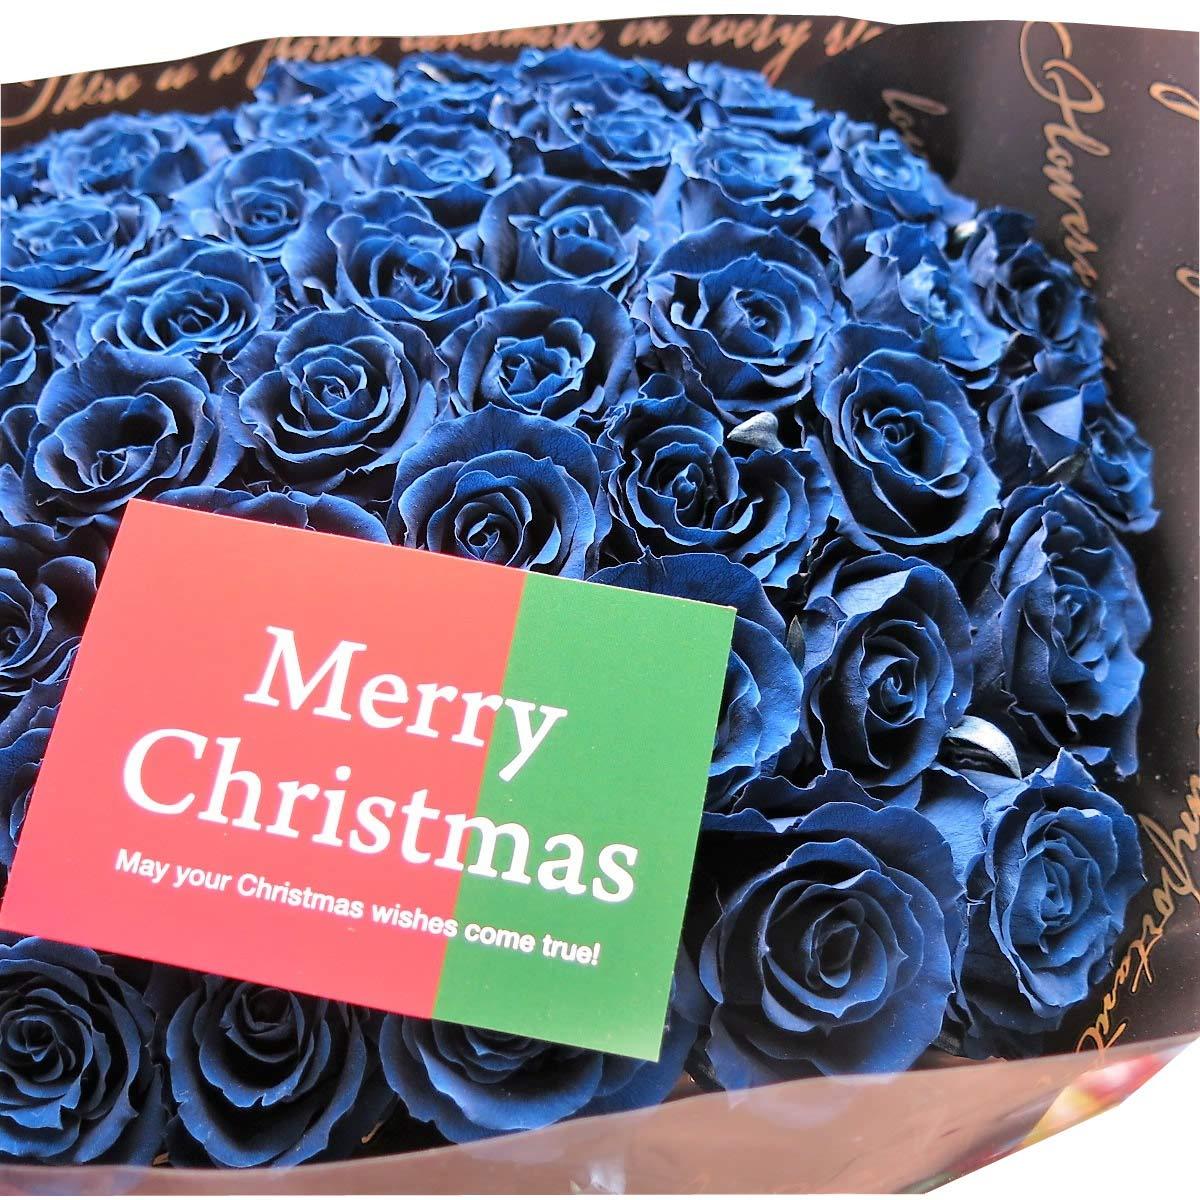 クリスマスプレゼント 青バラ 花束 プリザーブドフラワー 青バラ 50本 花束 大輪系 ◆誕生日プレゼント記念日の贈り物におすすめのフラワーギフト B07LFRY1Q7